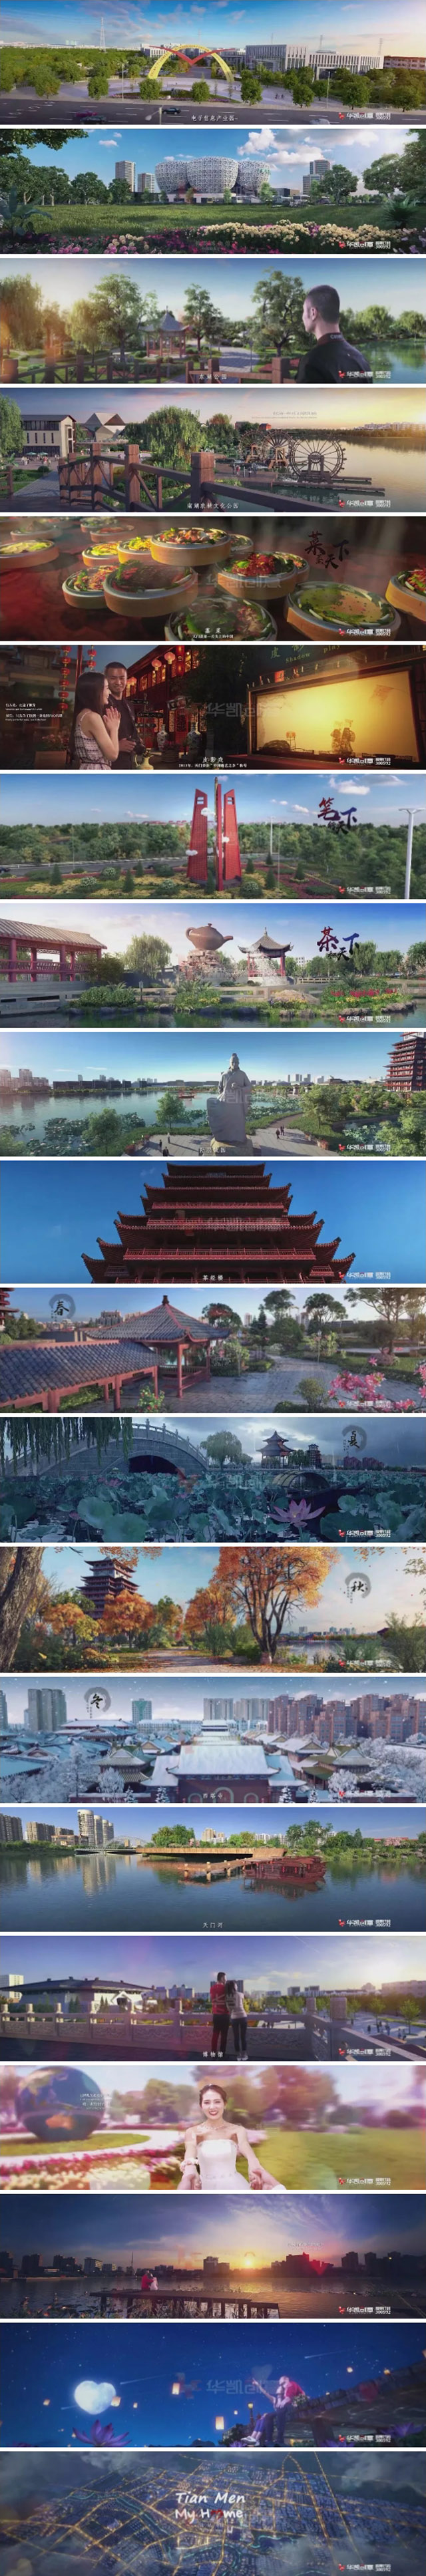 超有情怀的城市4D影片《Tian Men My Home》——华凯创意精心制作